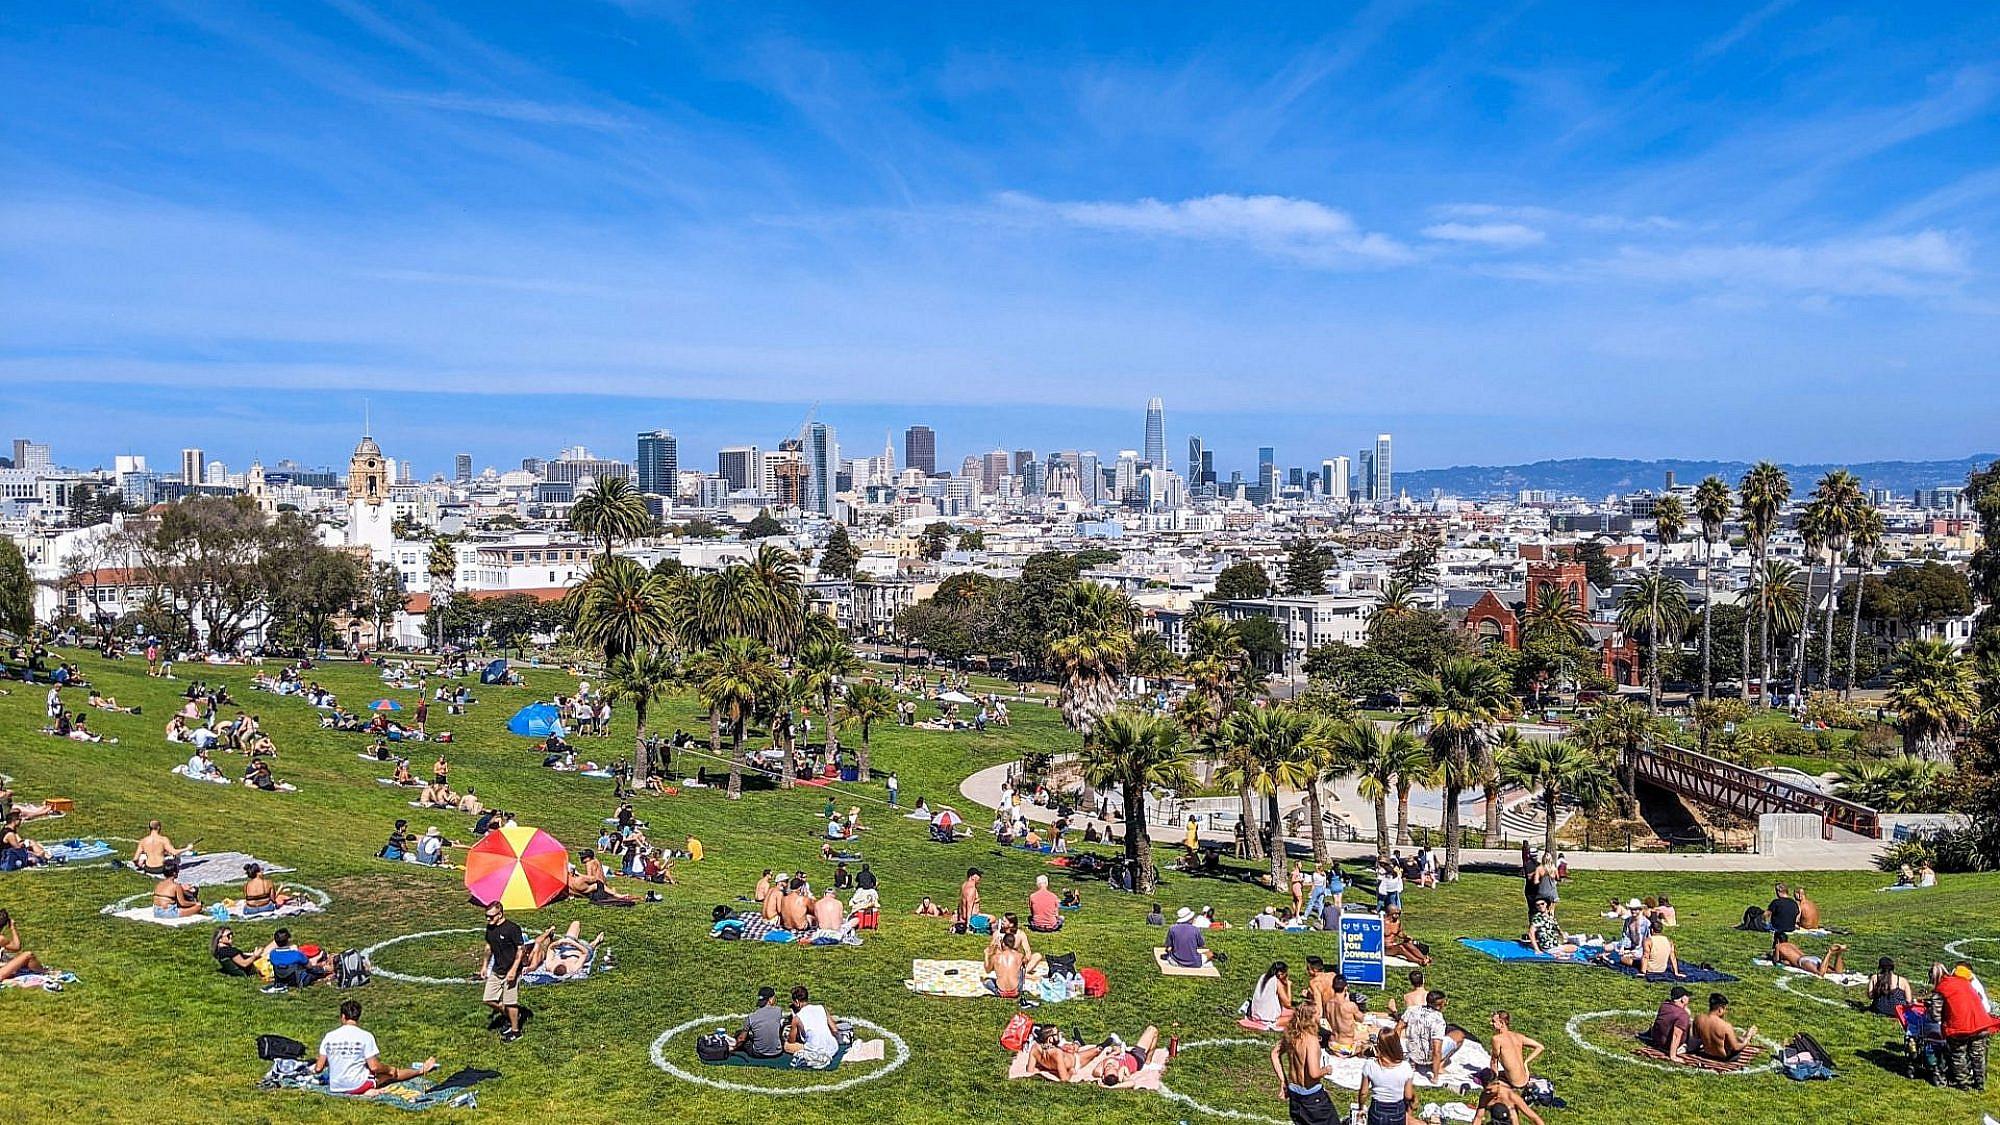 מתברר שזו העיר הכי טובה בעולם. סן פרנסיסקו (צילום: שאטרסטוק)